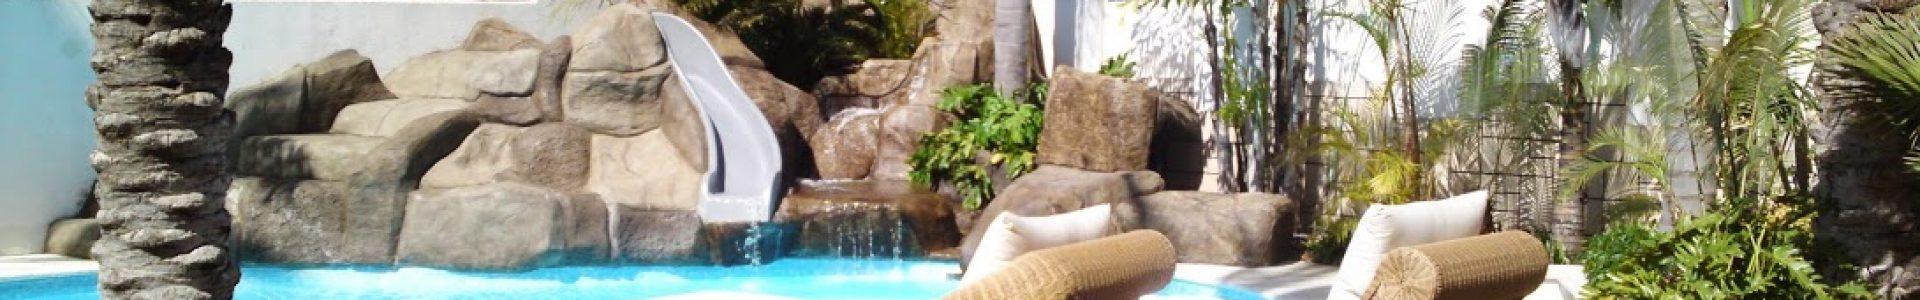 udi art - הקמת גינות ובריכות שחיה